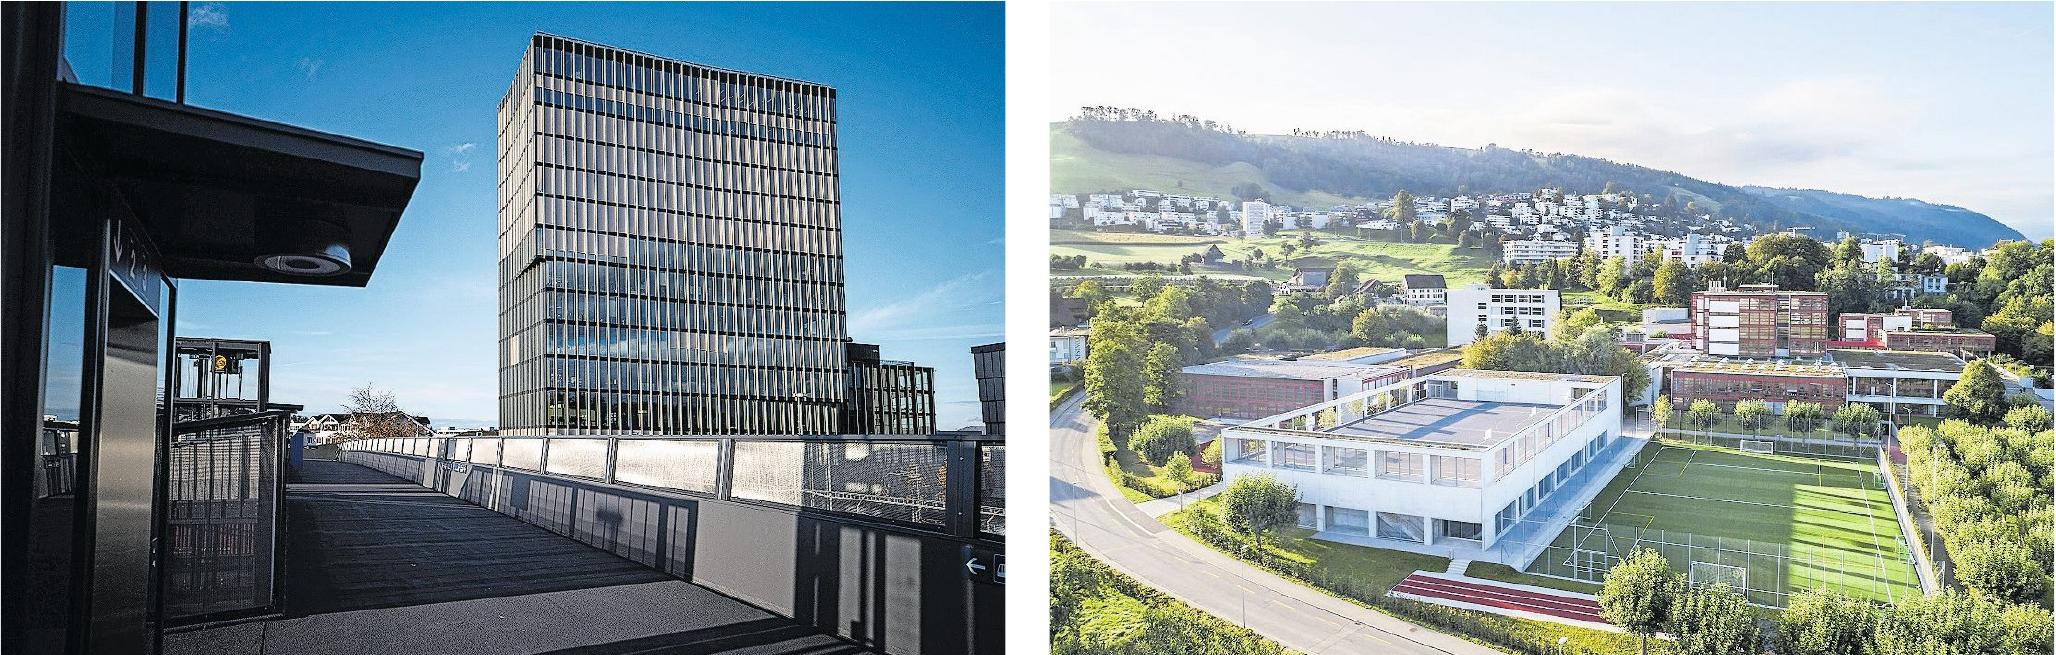 Die HSLU (links) und die Kantonsschule Zug sind laut Silvia Thalmann wichtige Bildungsinstitutionen für den Kanton. Bilder: Stefan Kaiser/PD Regine Giesecke